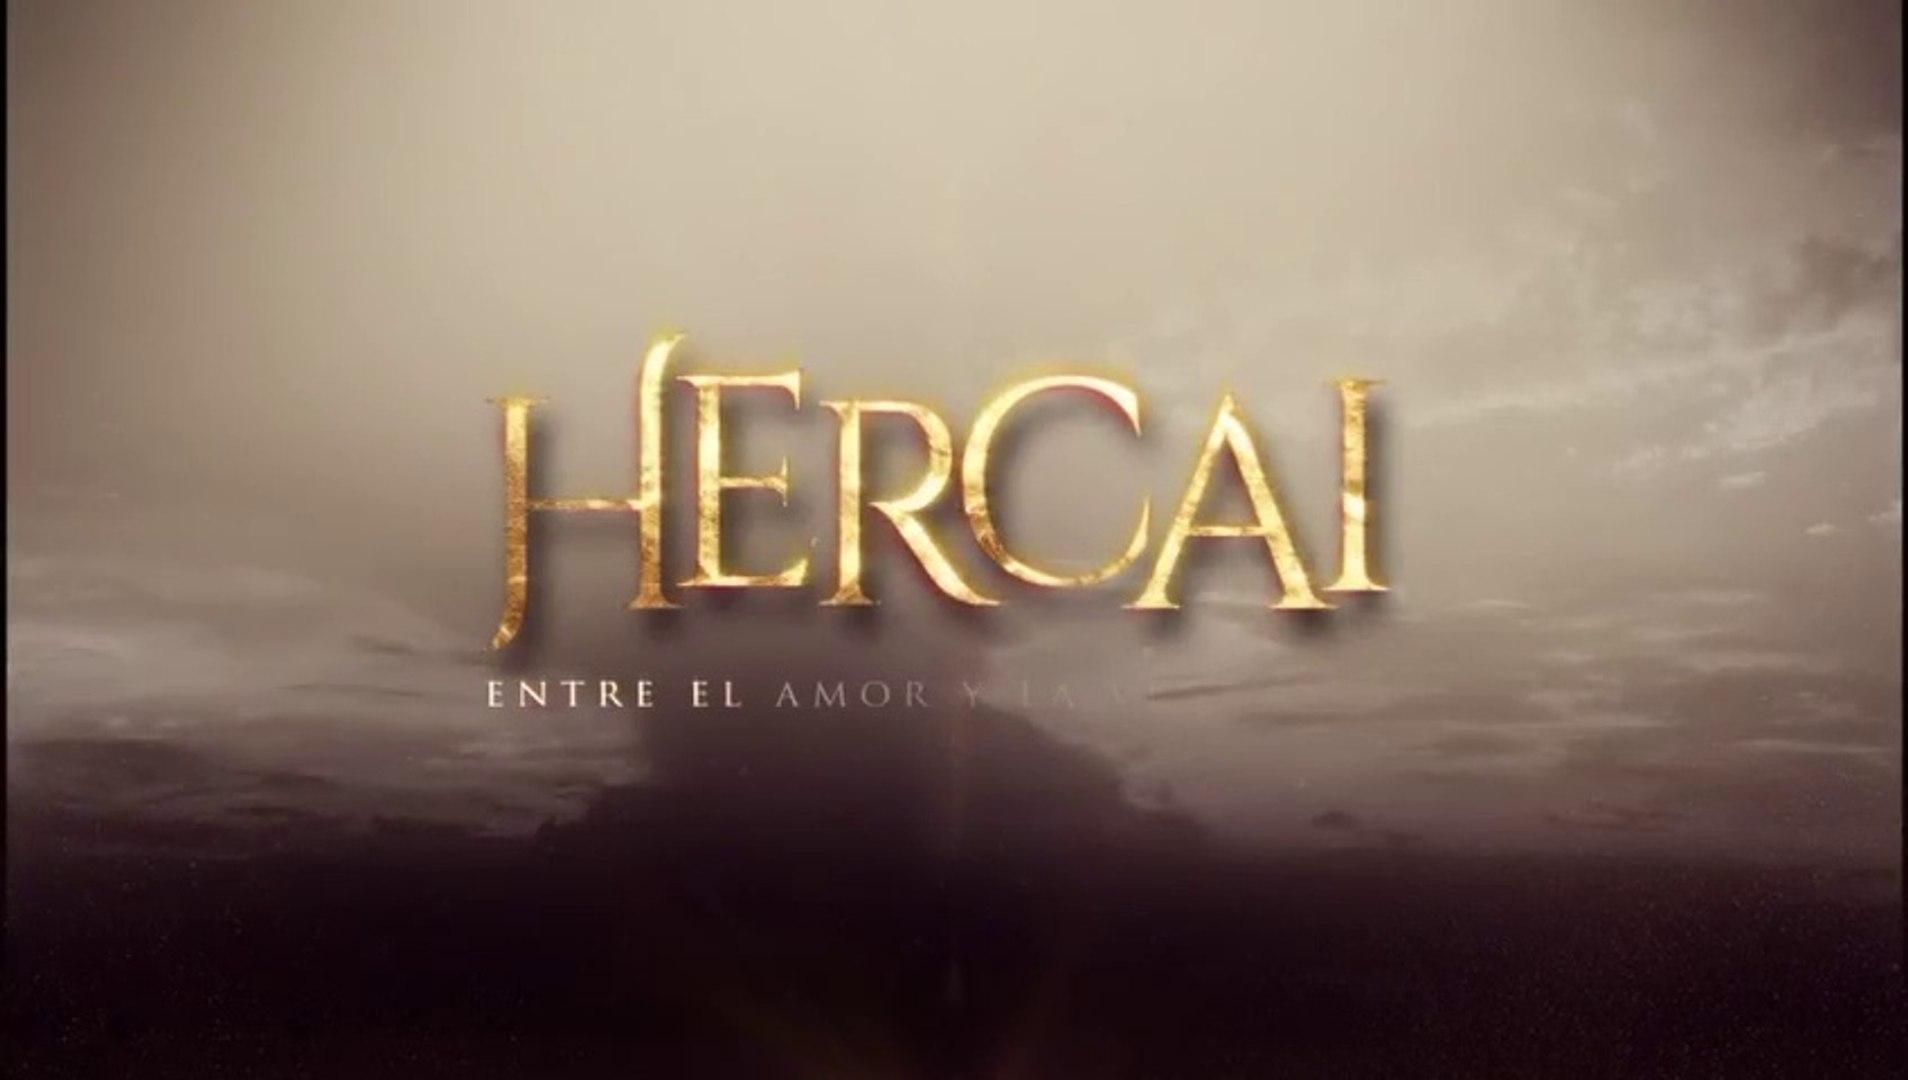 Ver Capitulo 39 de Hercai